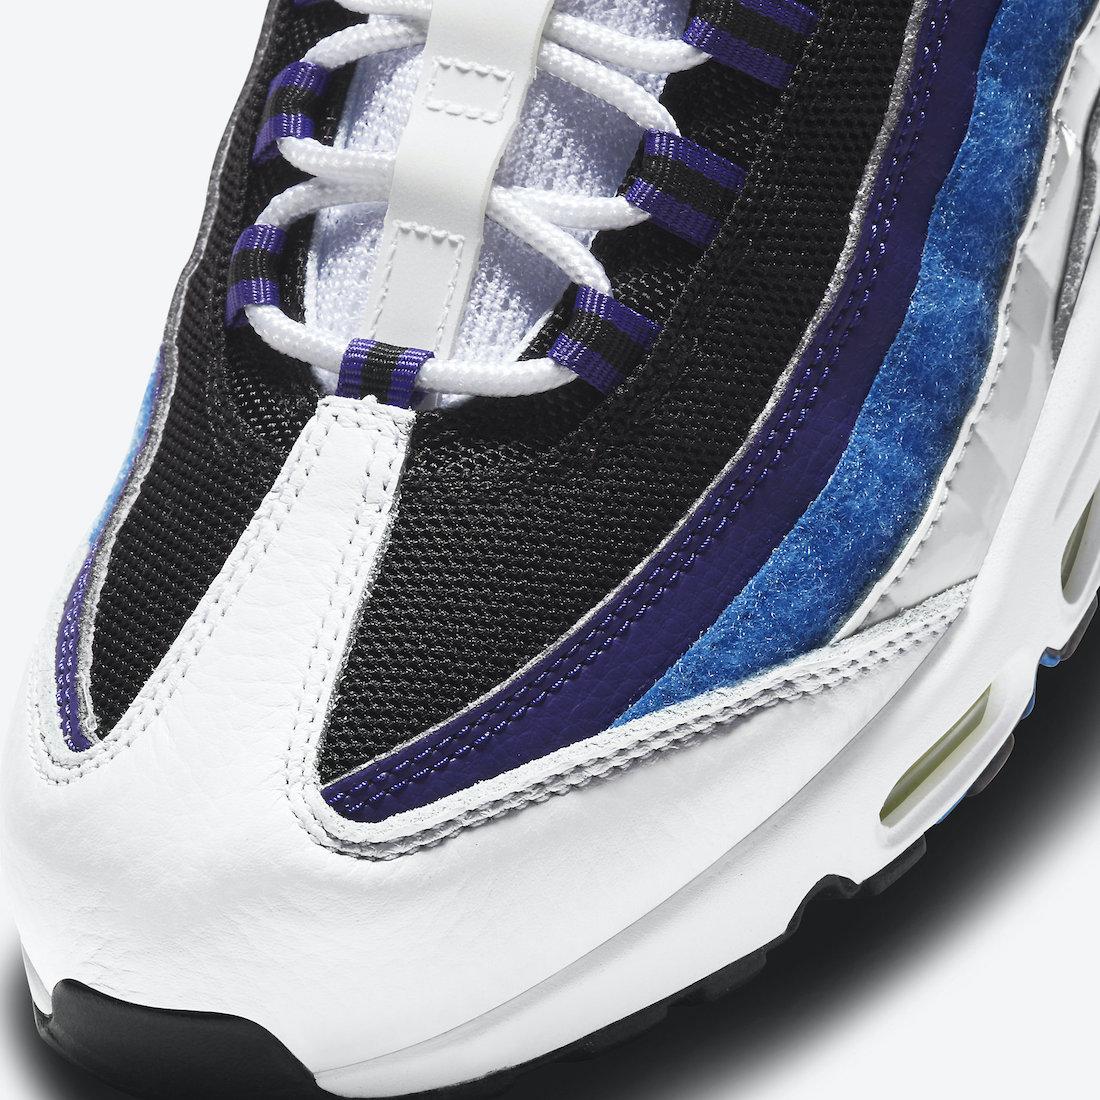 Nike Air Max 95 Kaomoji DD9600-100 Release Date Info